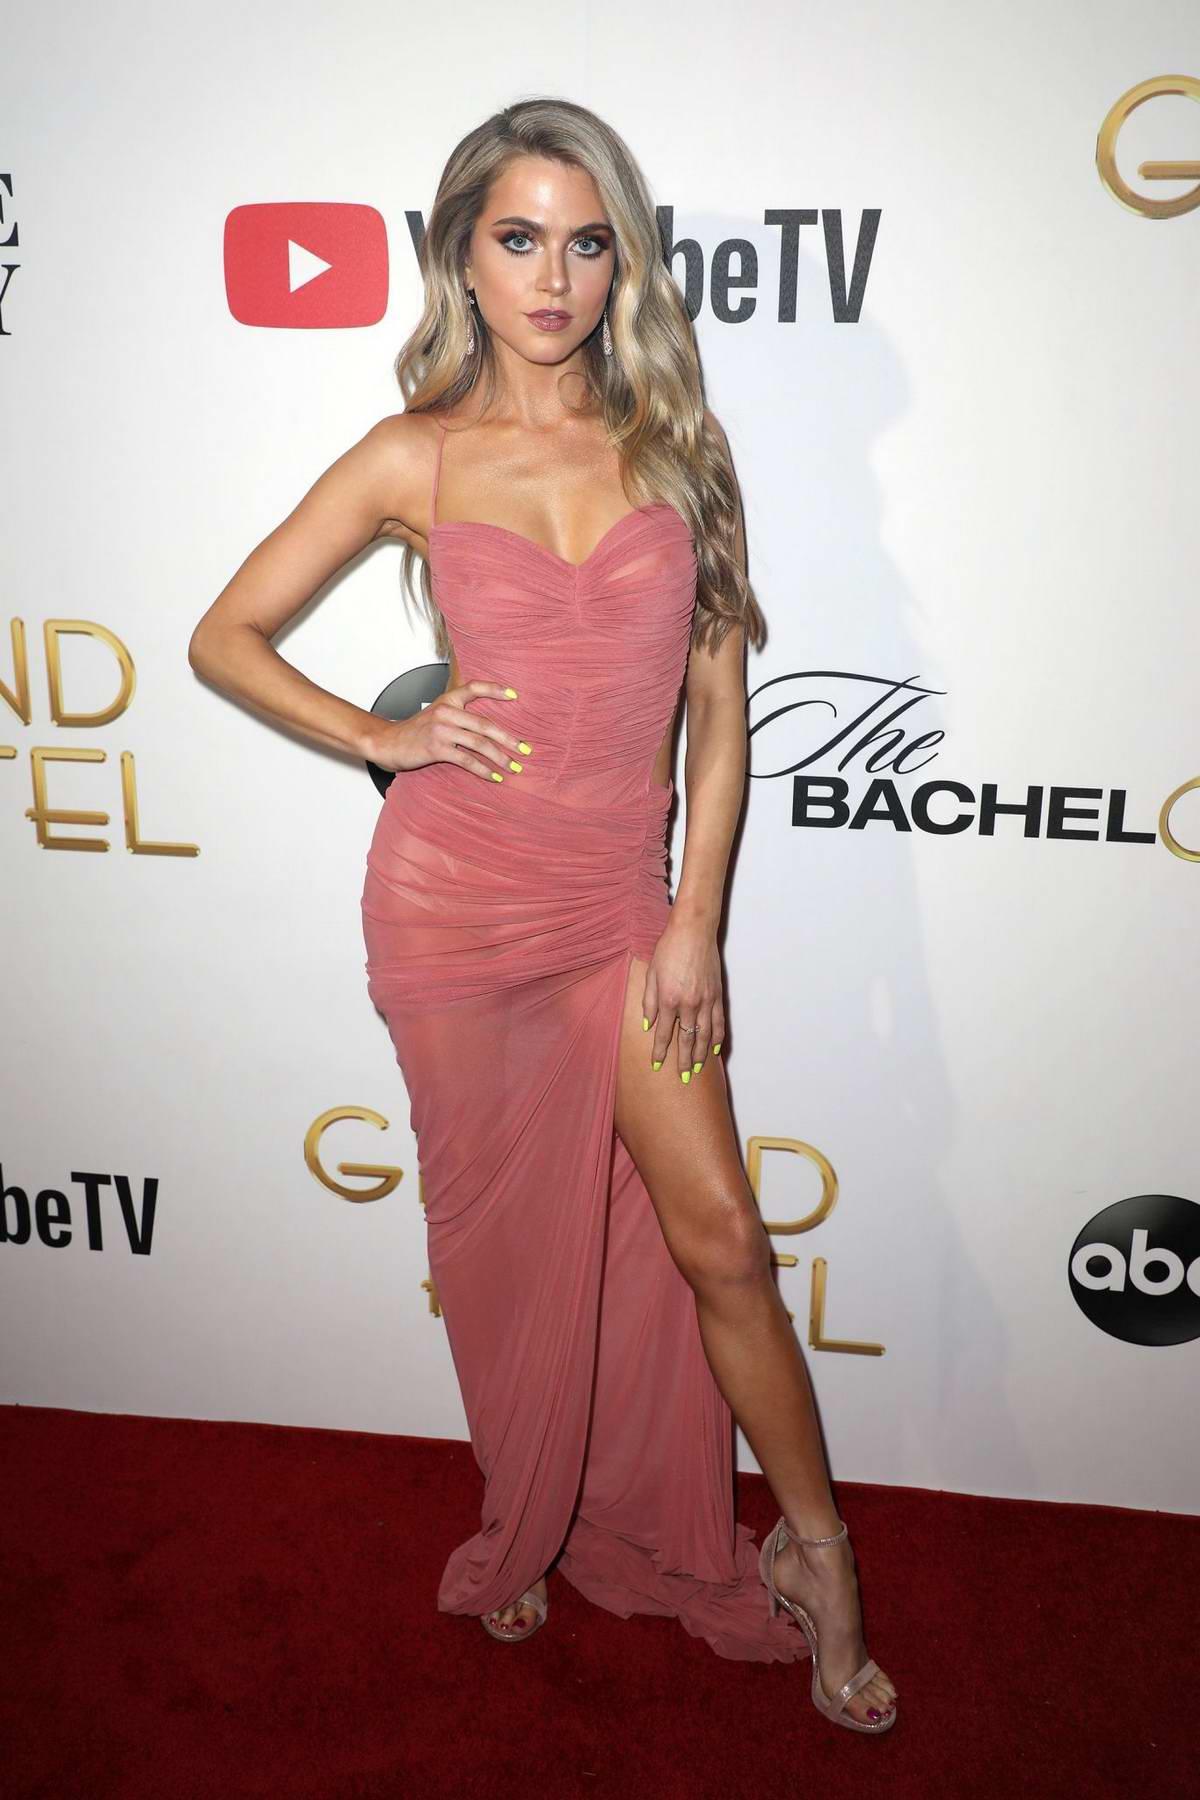 Anne Winters attends ABC's 'Grand Hotel' Premiere in Miami Beach, Florida